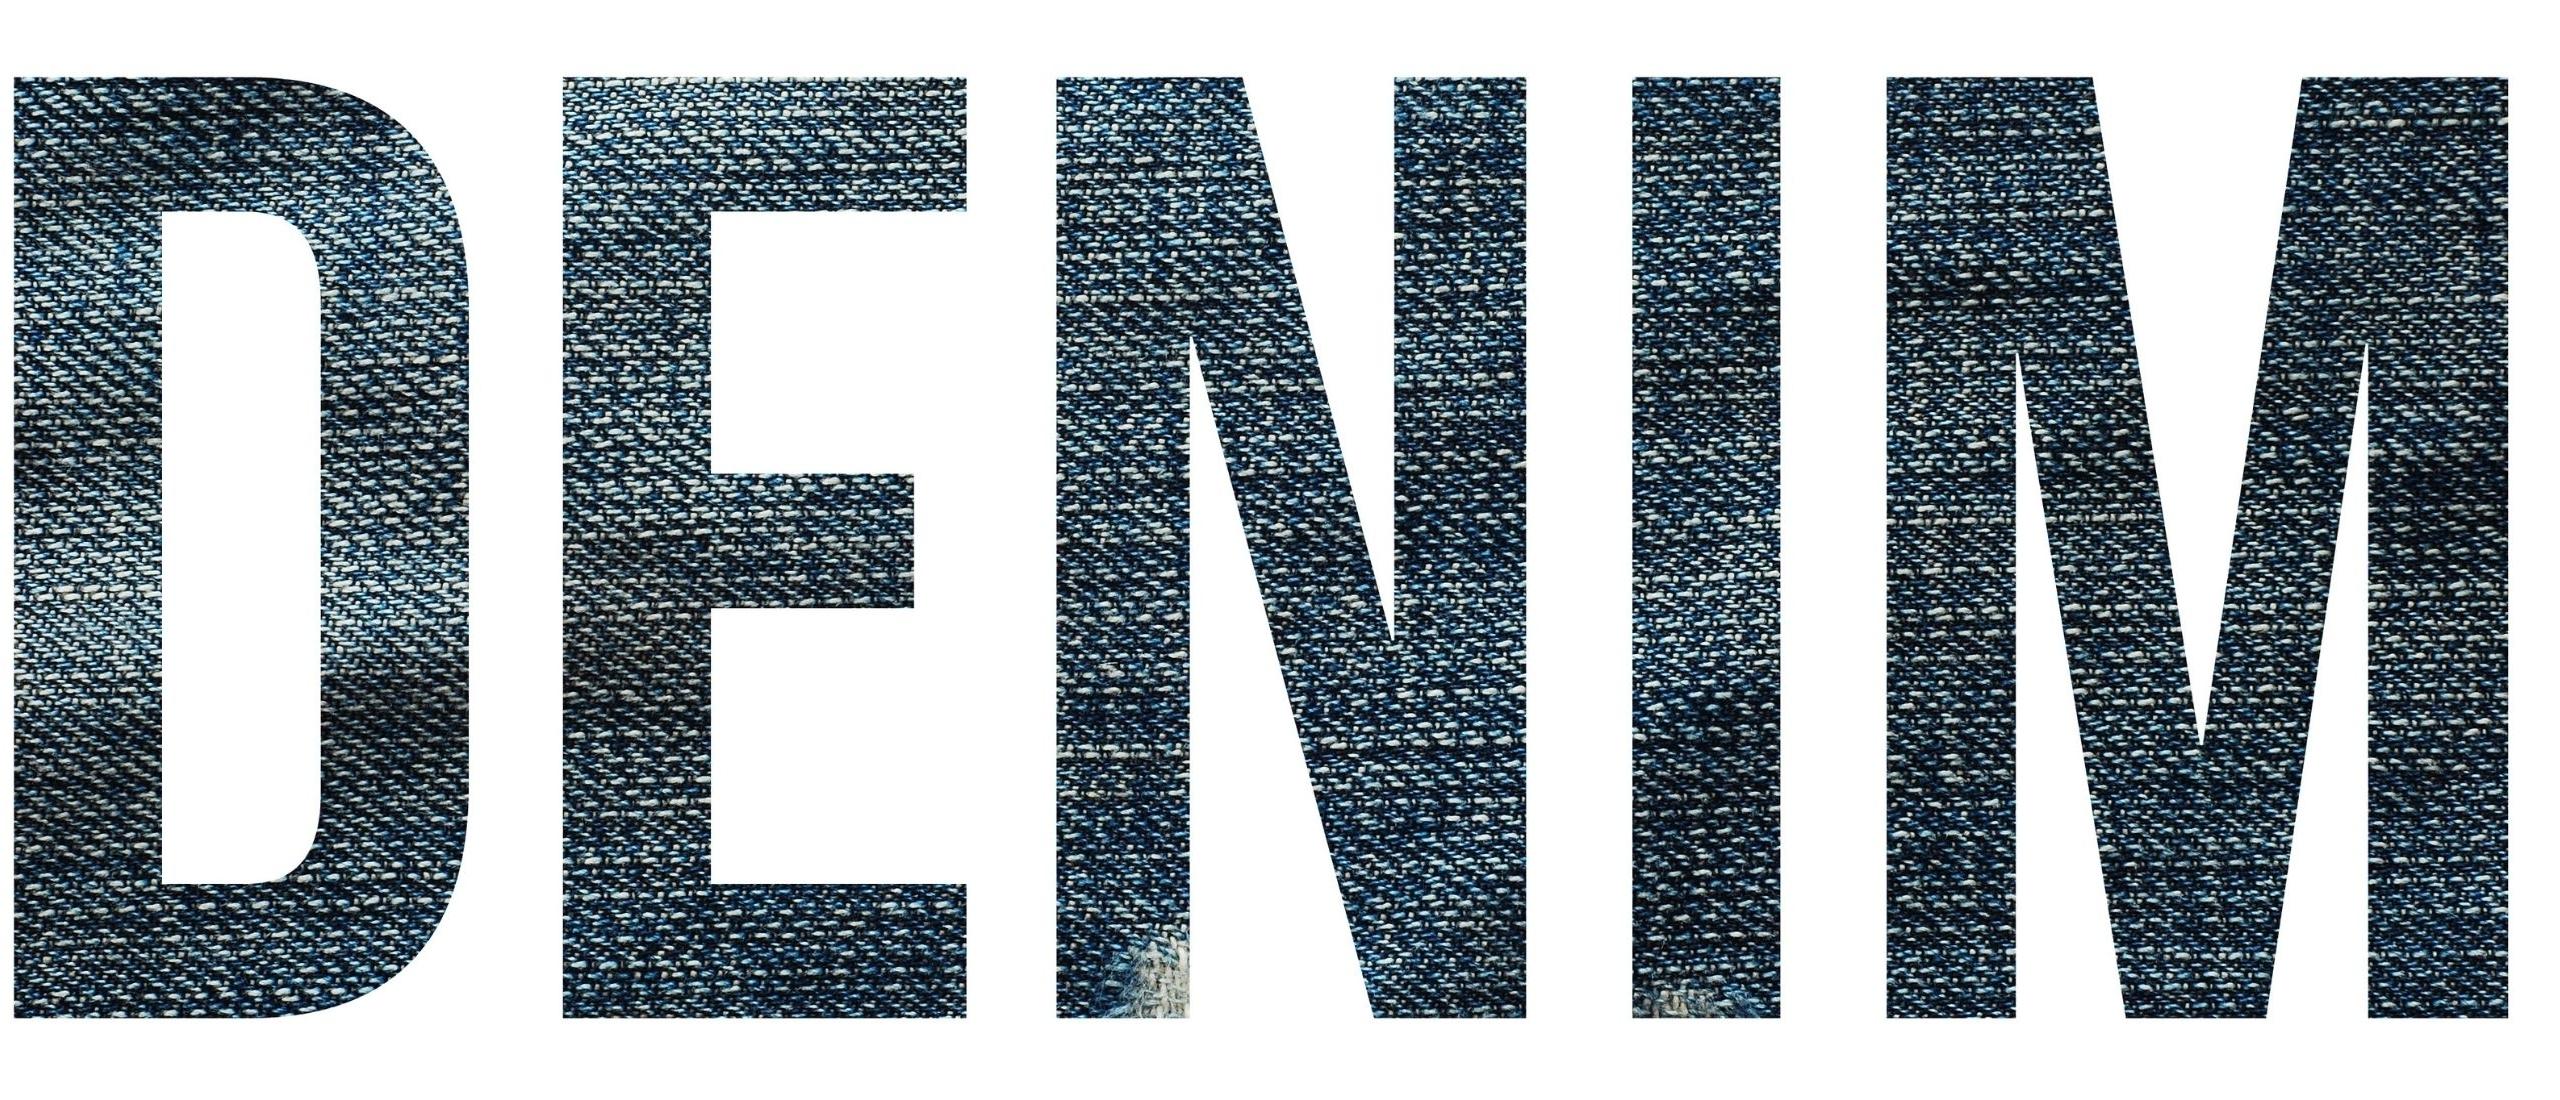 Duurzaam geproduceerde Denim kleding koop je bij Kuyichi!